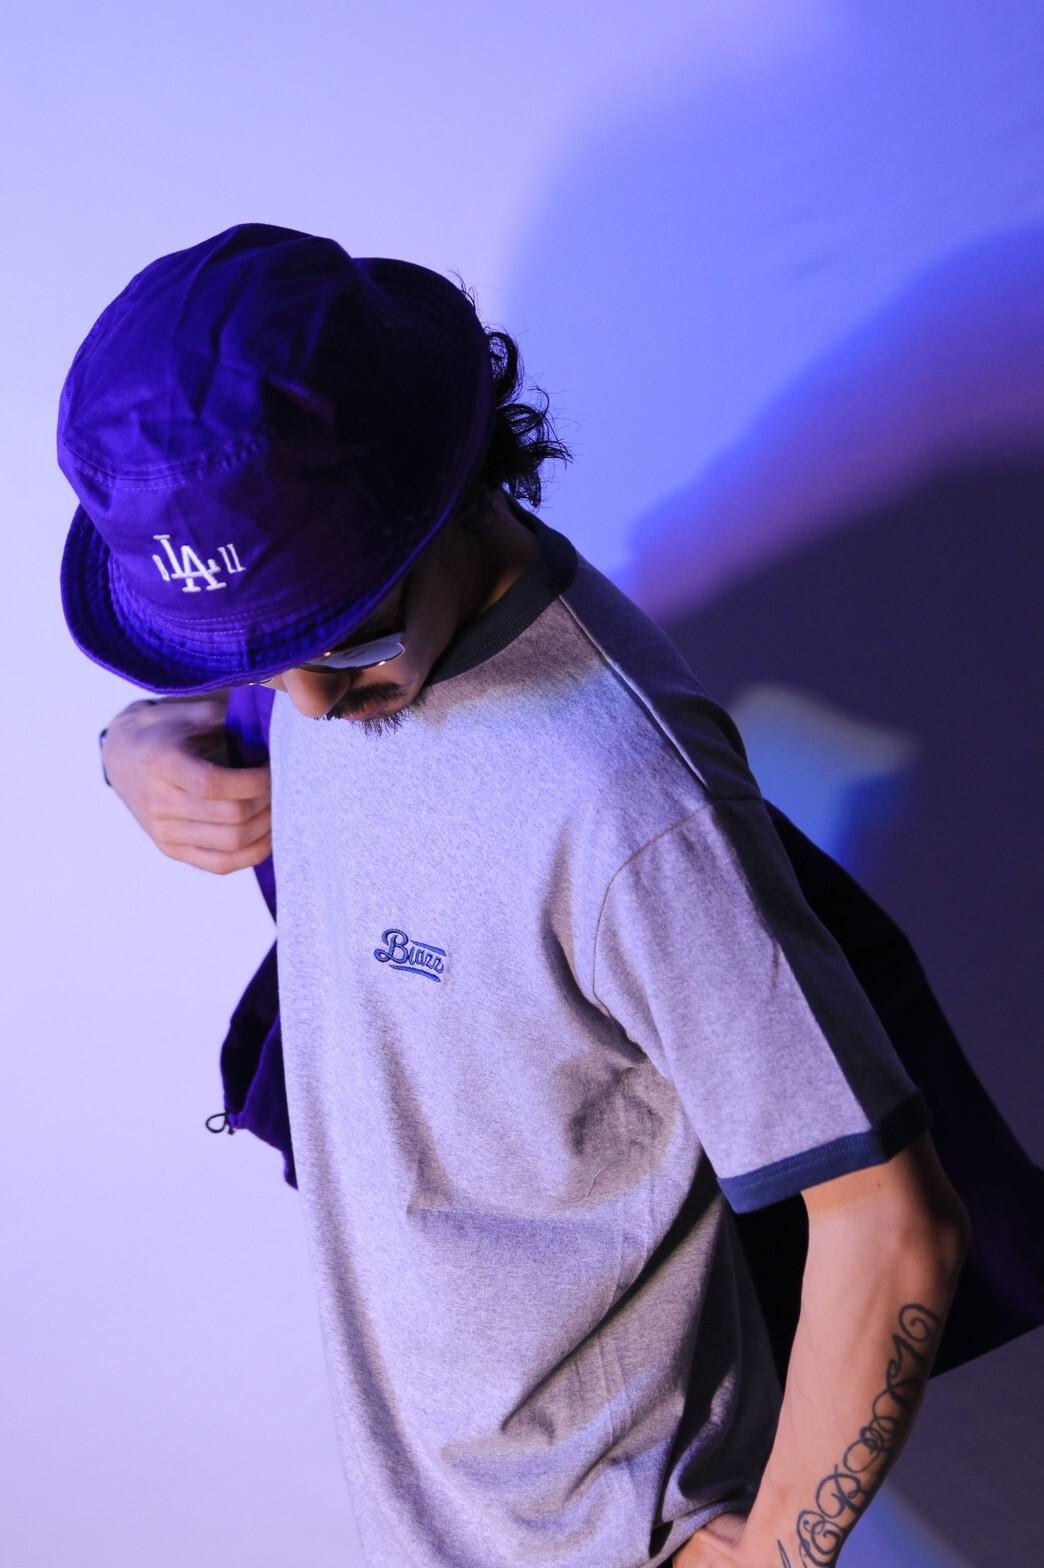 b'LA'ZZ BUCKET HAT [PURPLE]